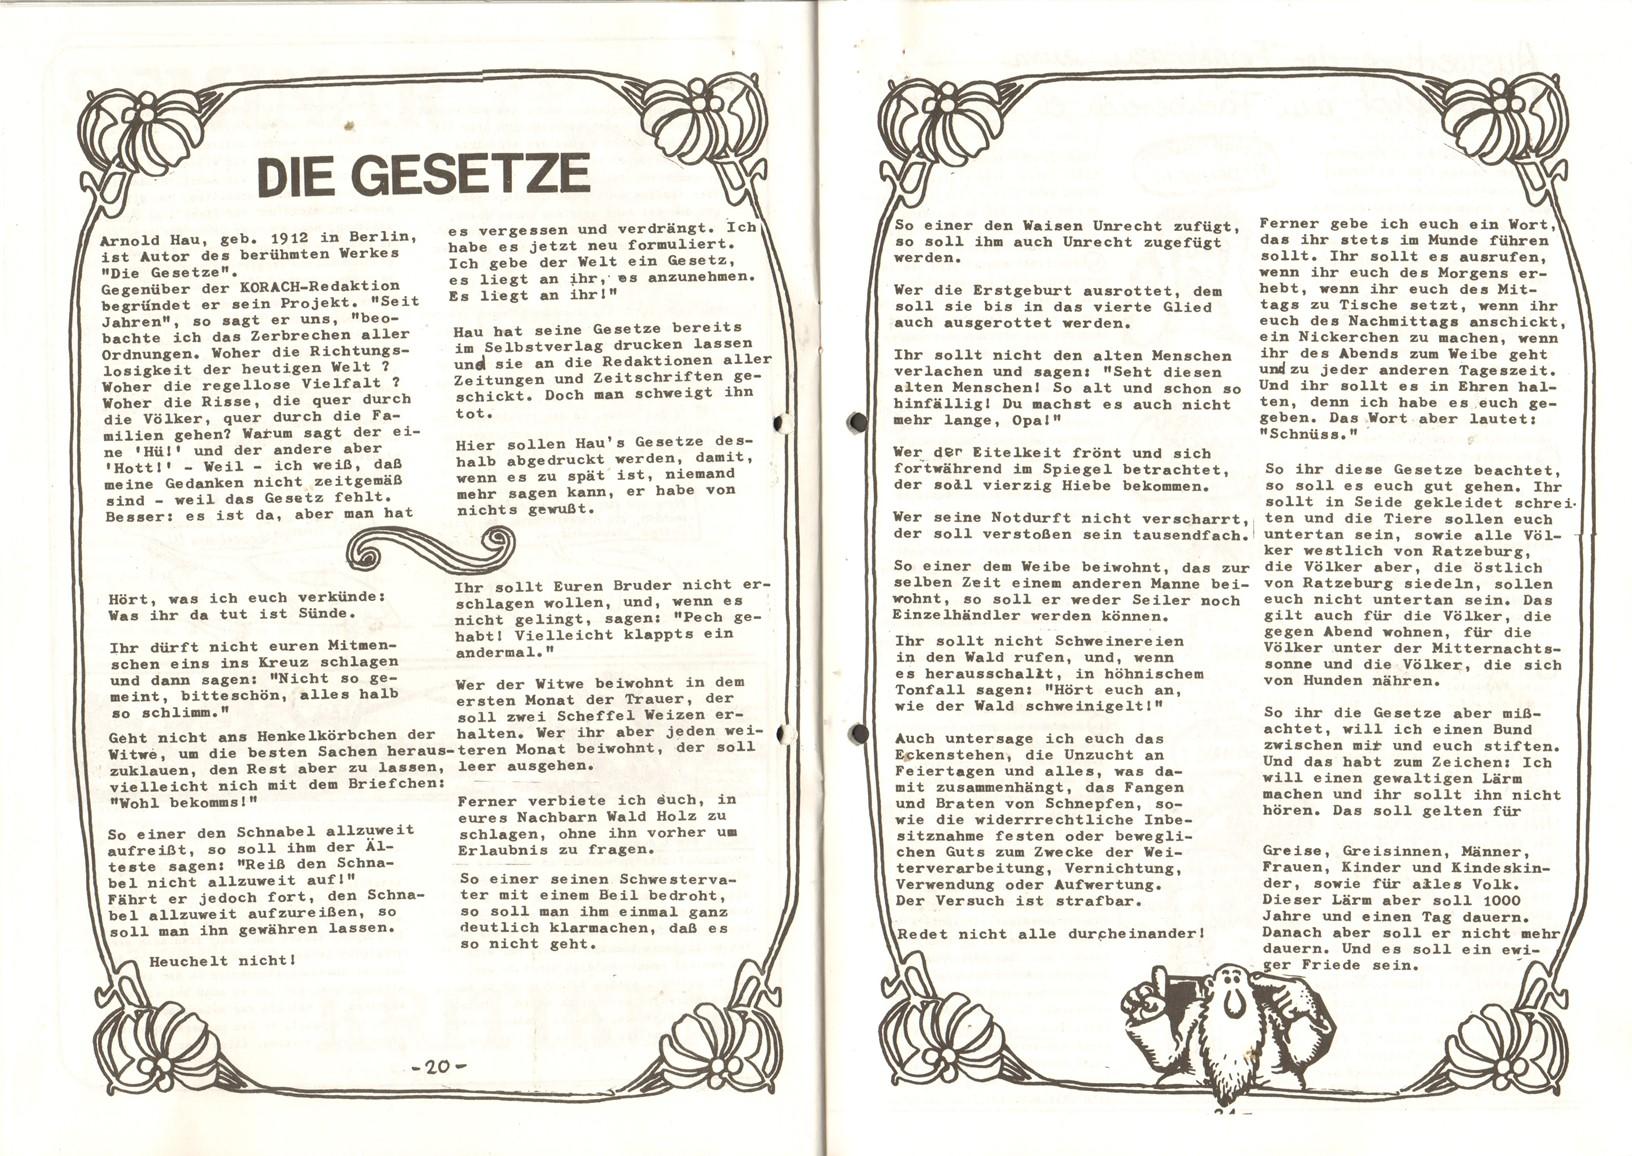 Muenster_Roter_Korach_19810626_11